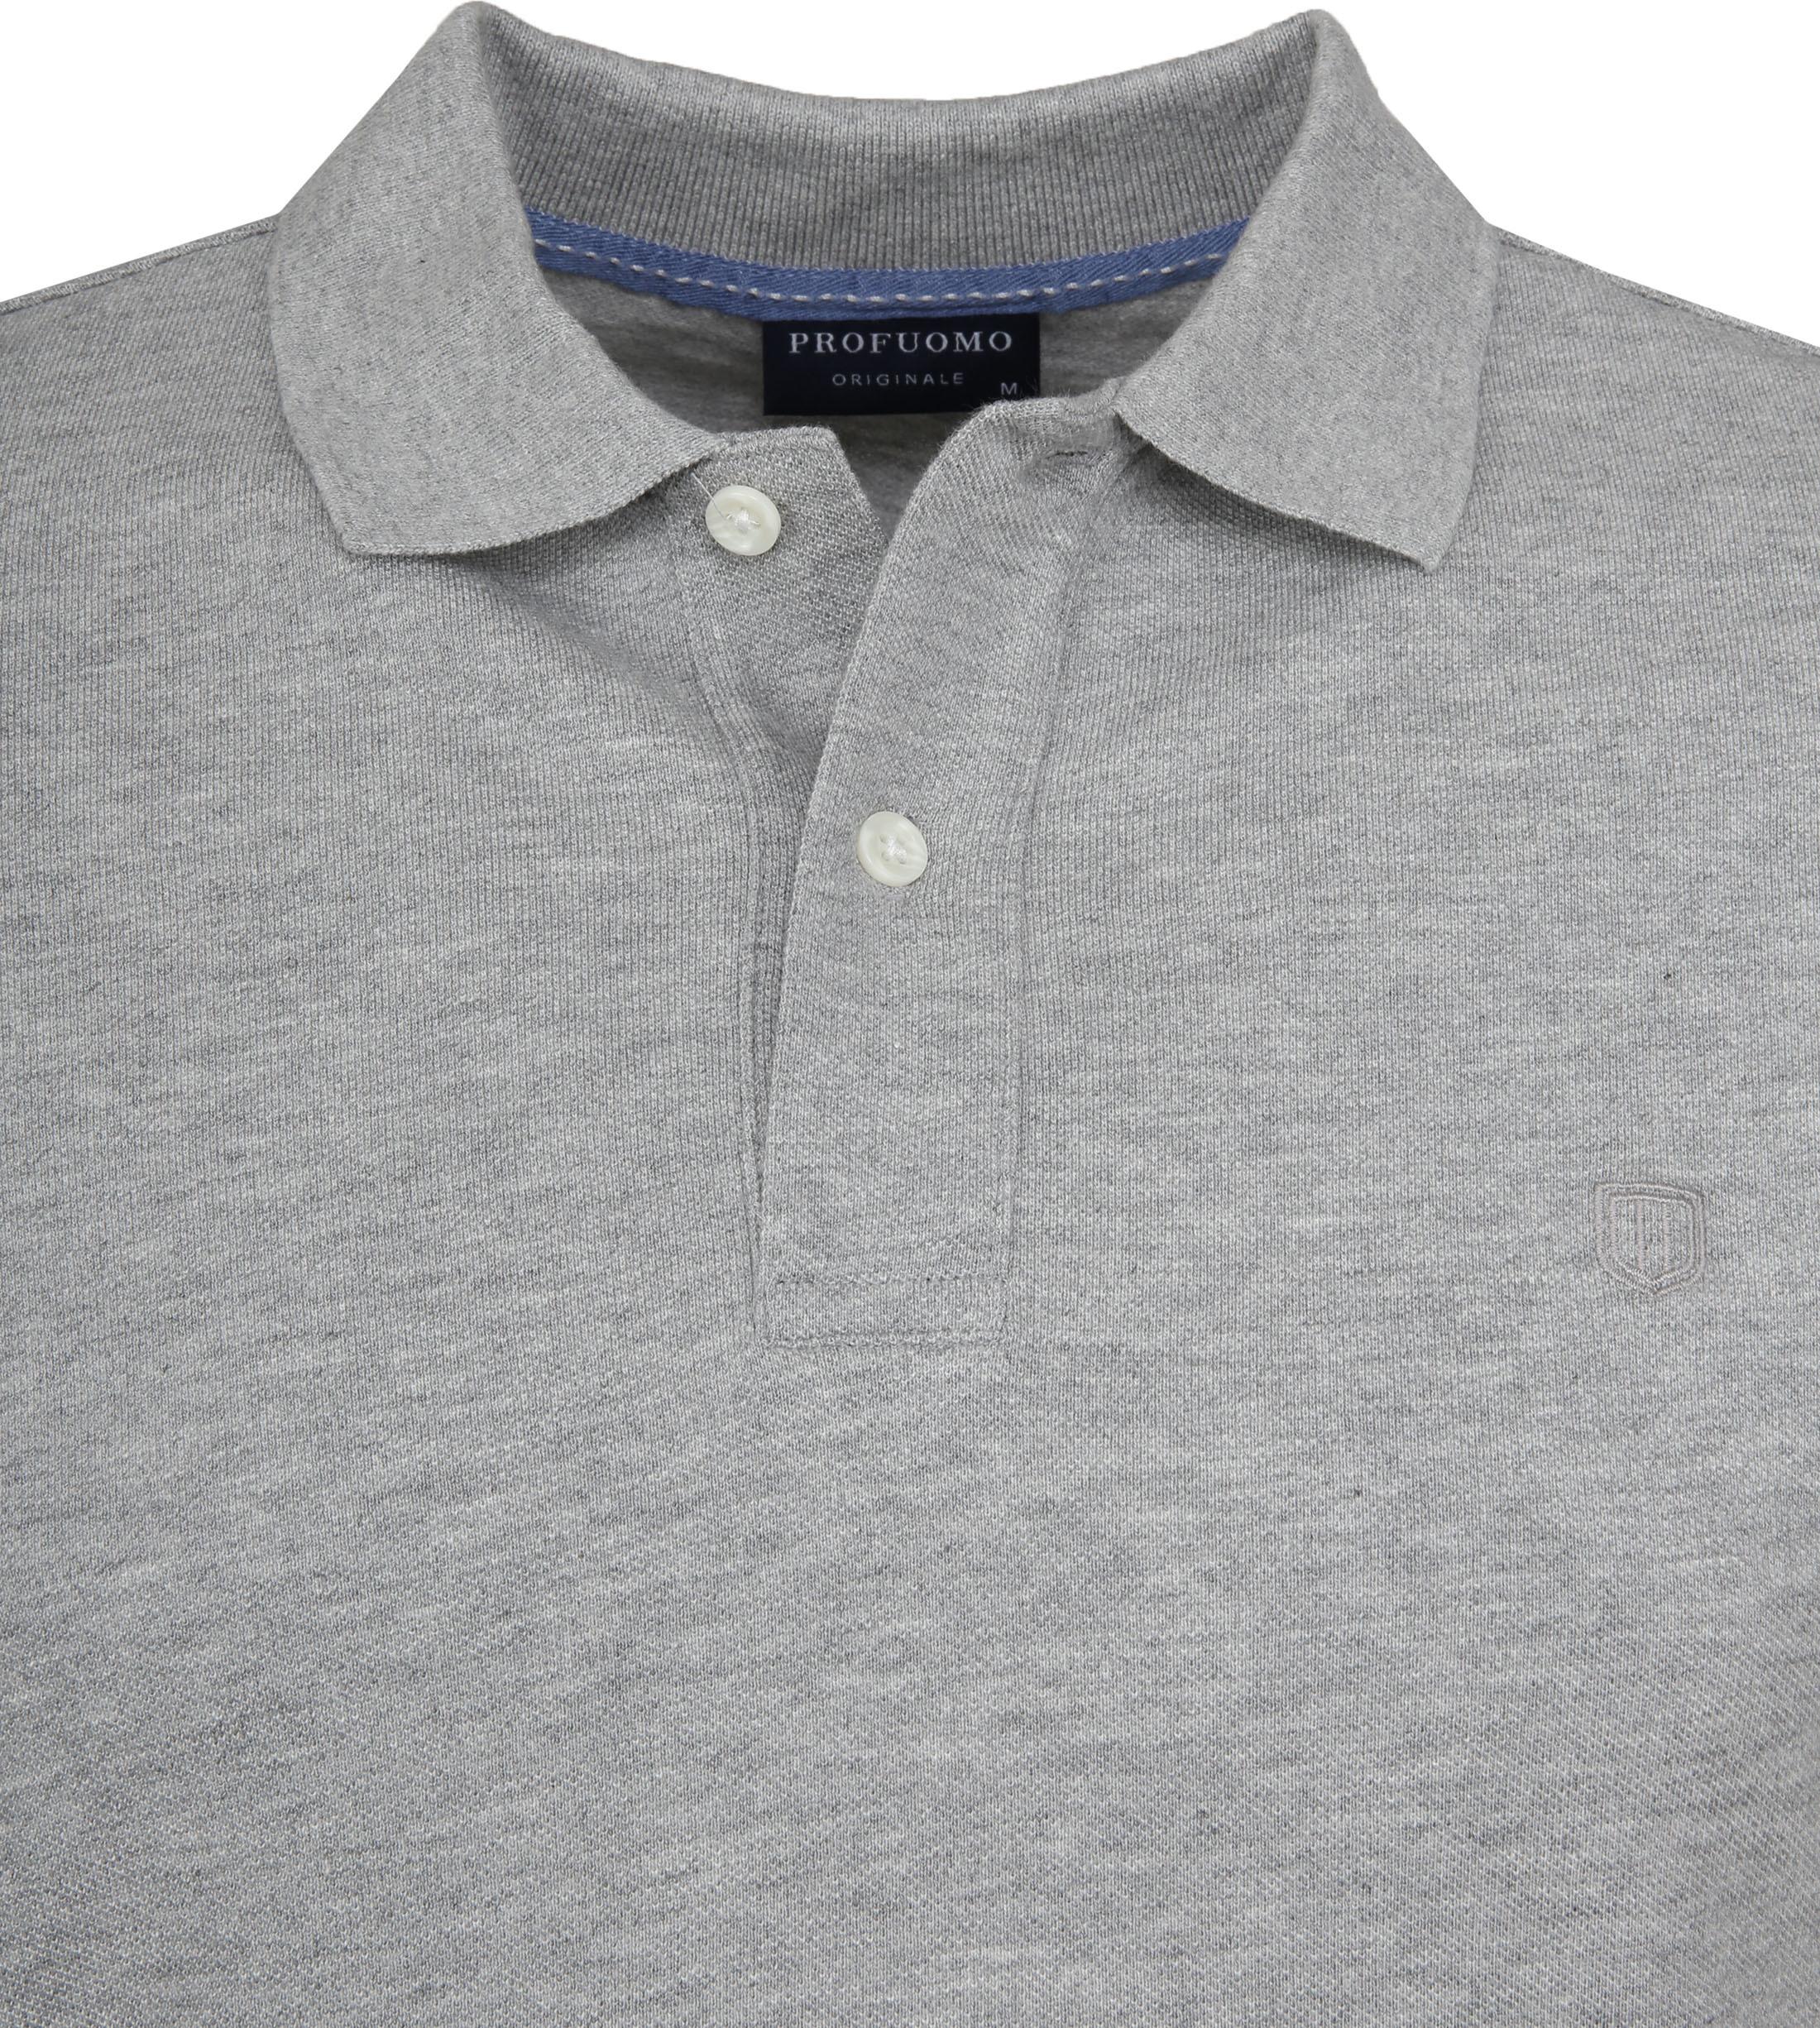 Profuomo Short Sleeve Poloshirt Hellgrau foto 1